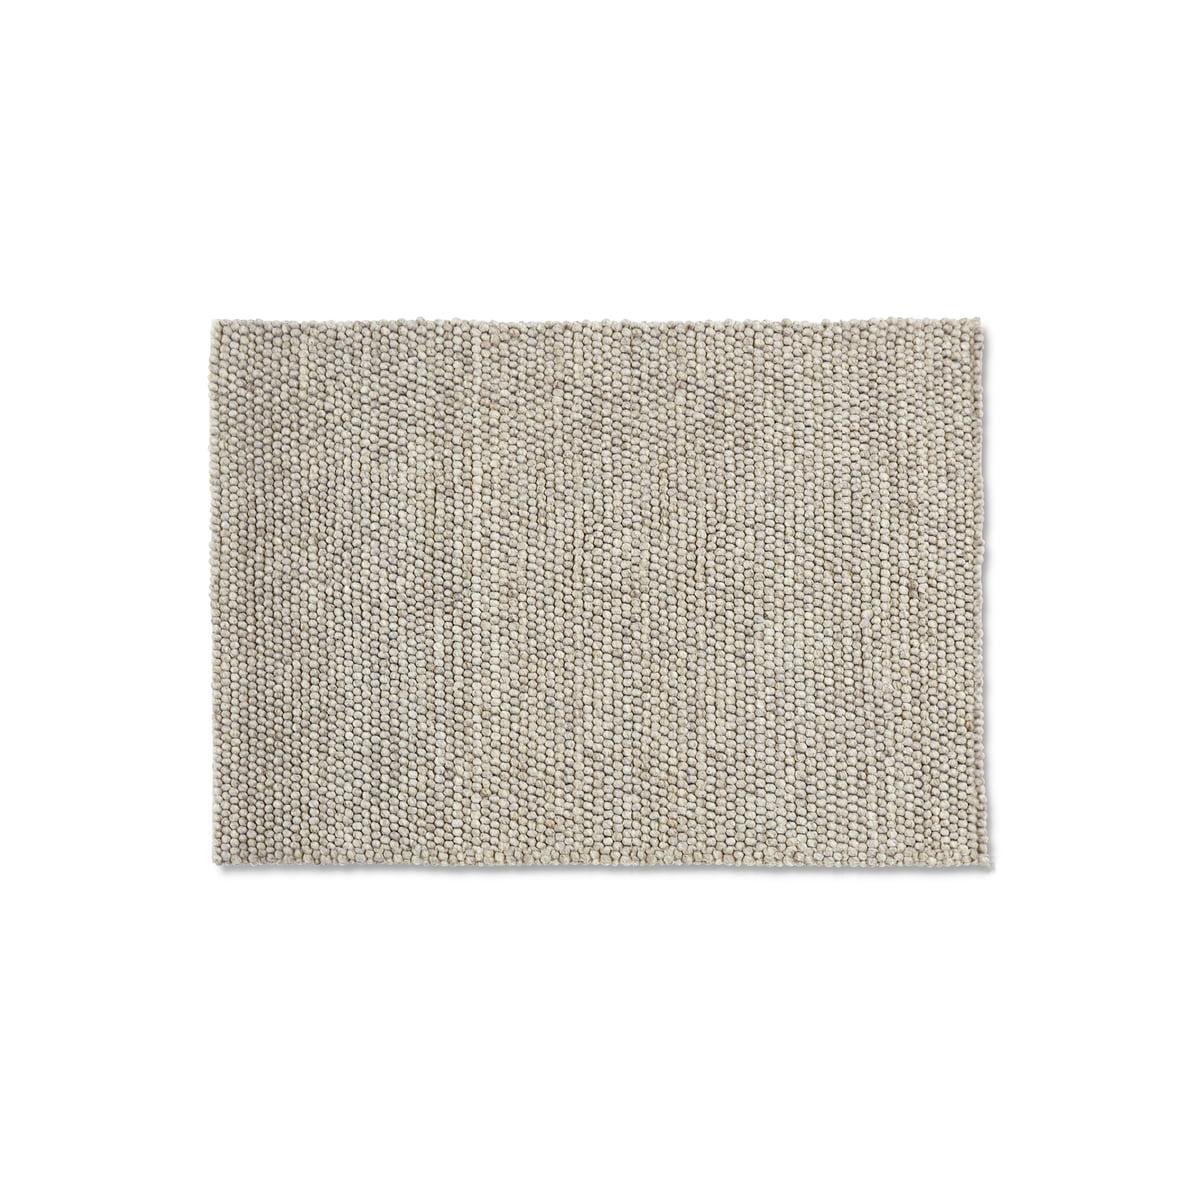 Hay   Peas Rug 140x200 Cm, Soft Grey